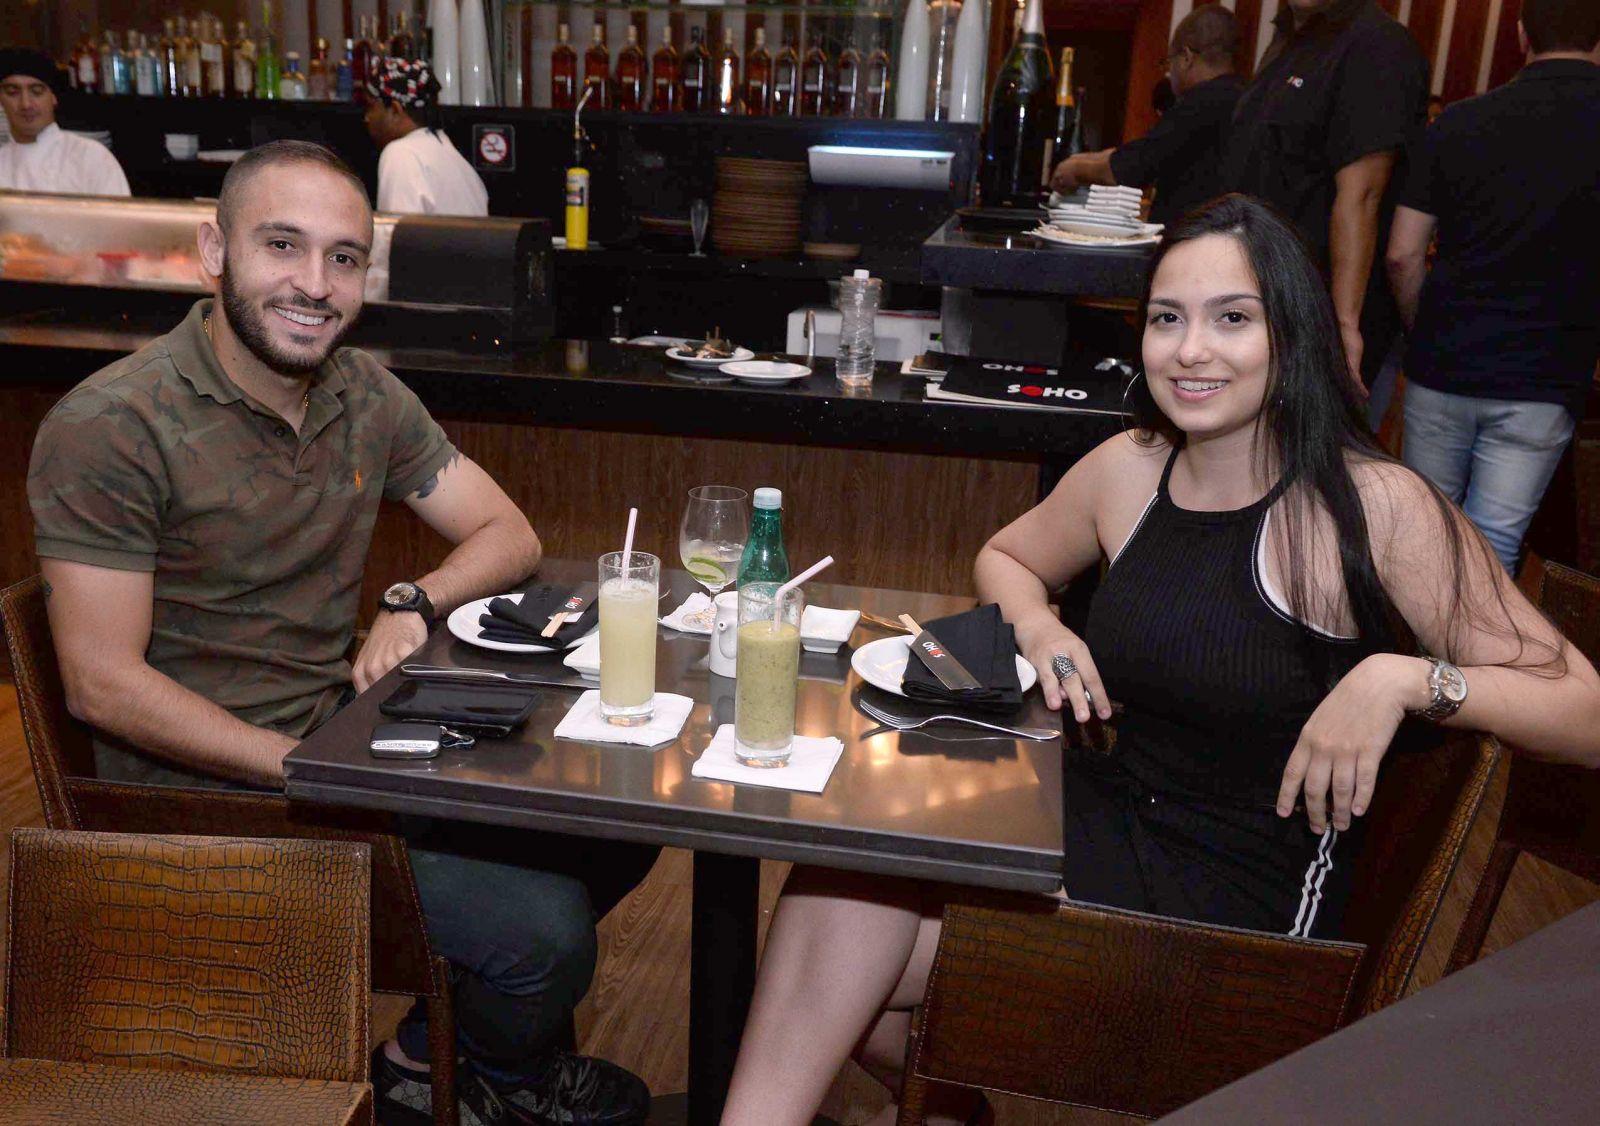 Regis jogador do Bahia jantando nesta sexta-feira 30 de março com a namorada no Soho de Salvador